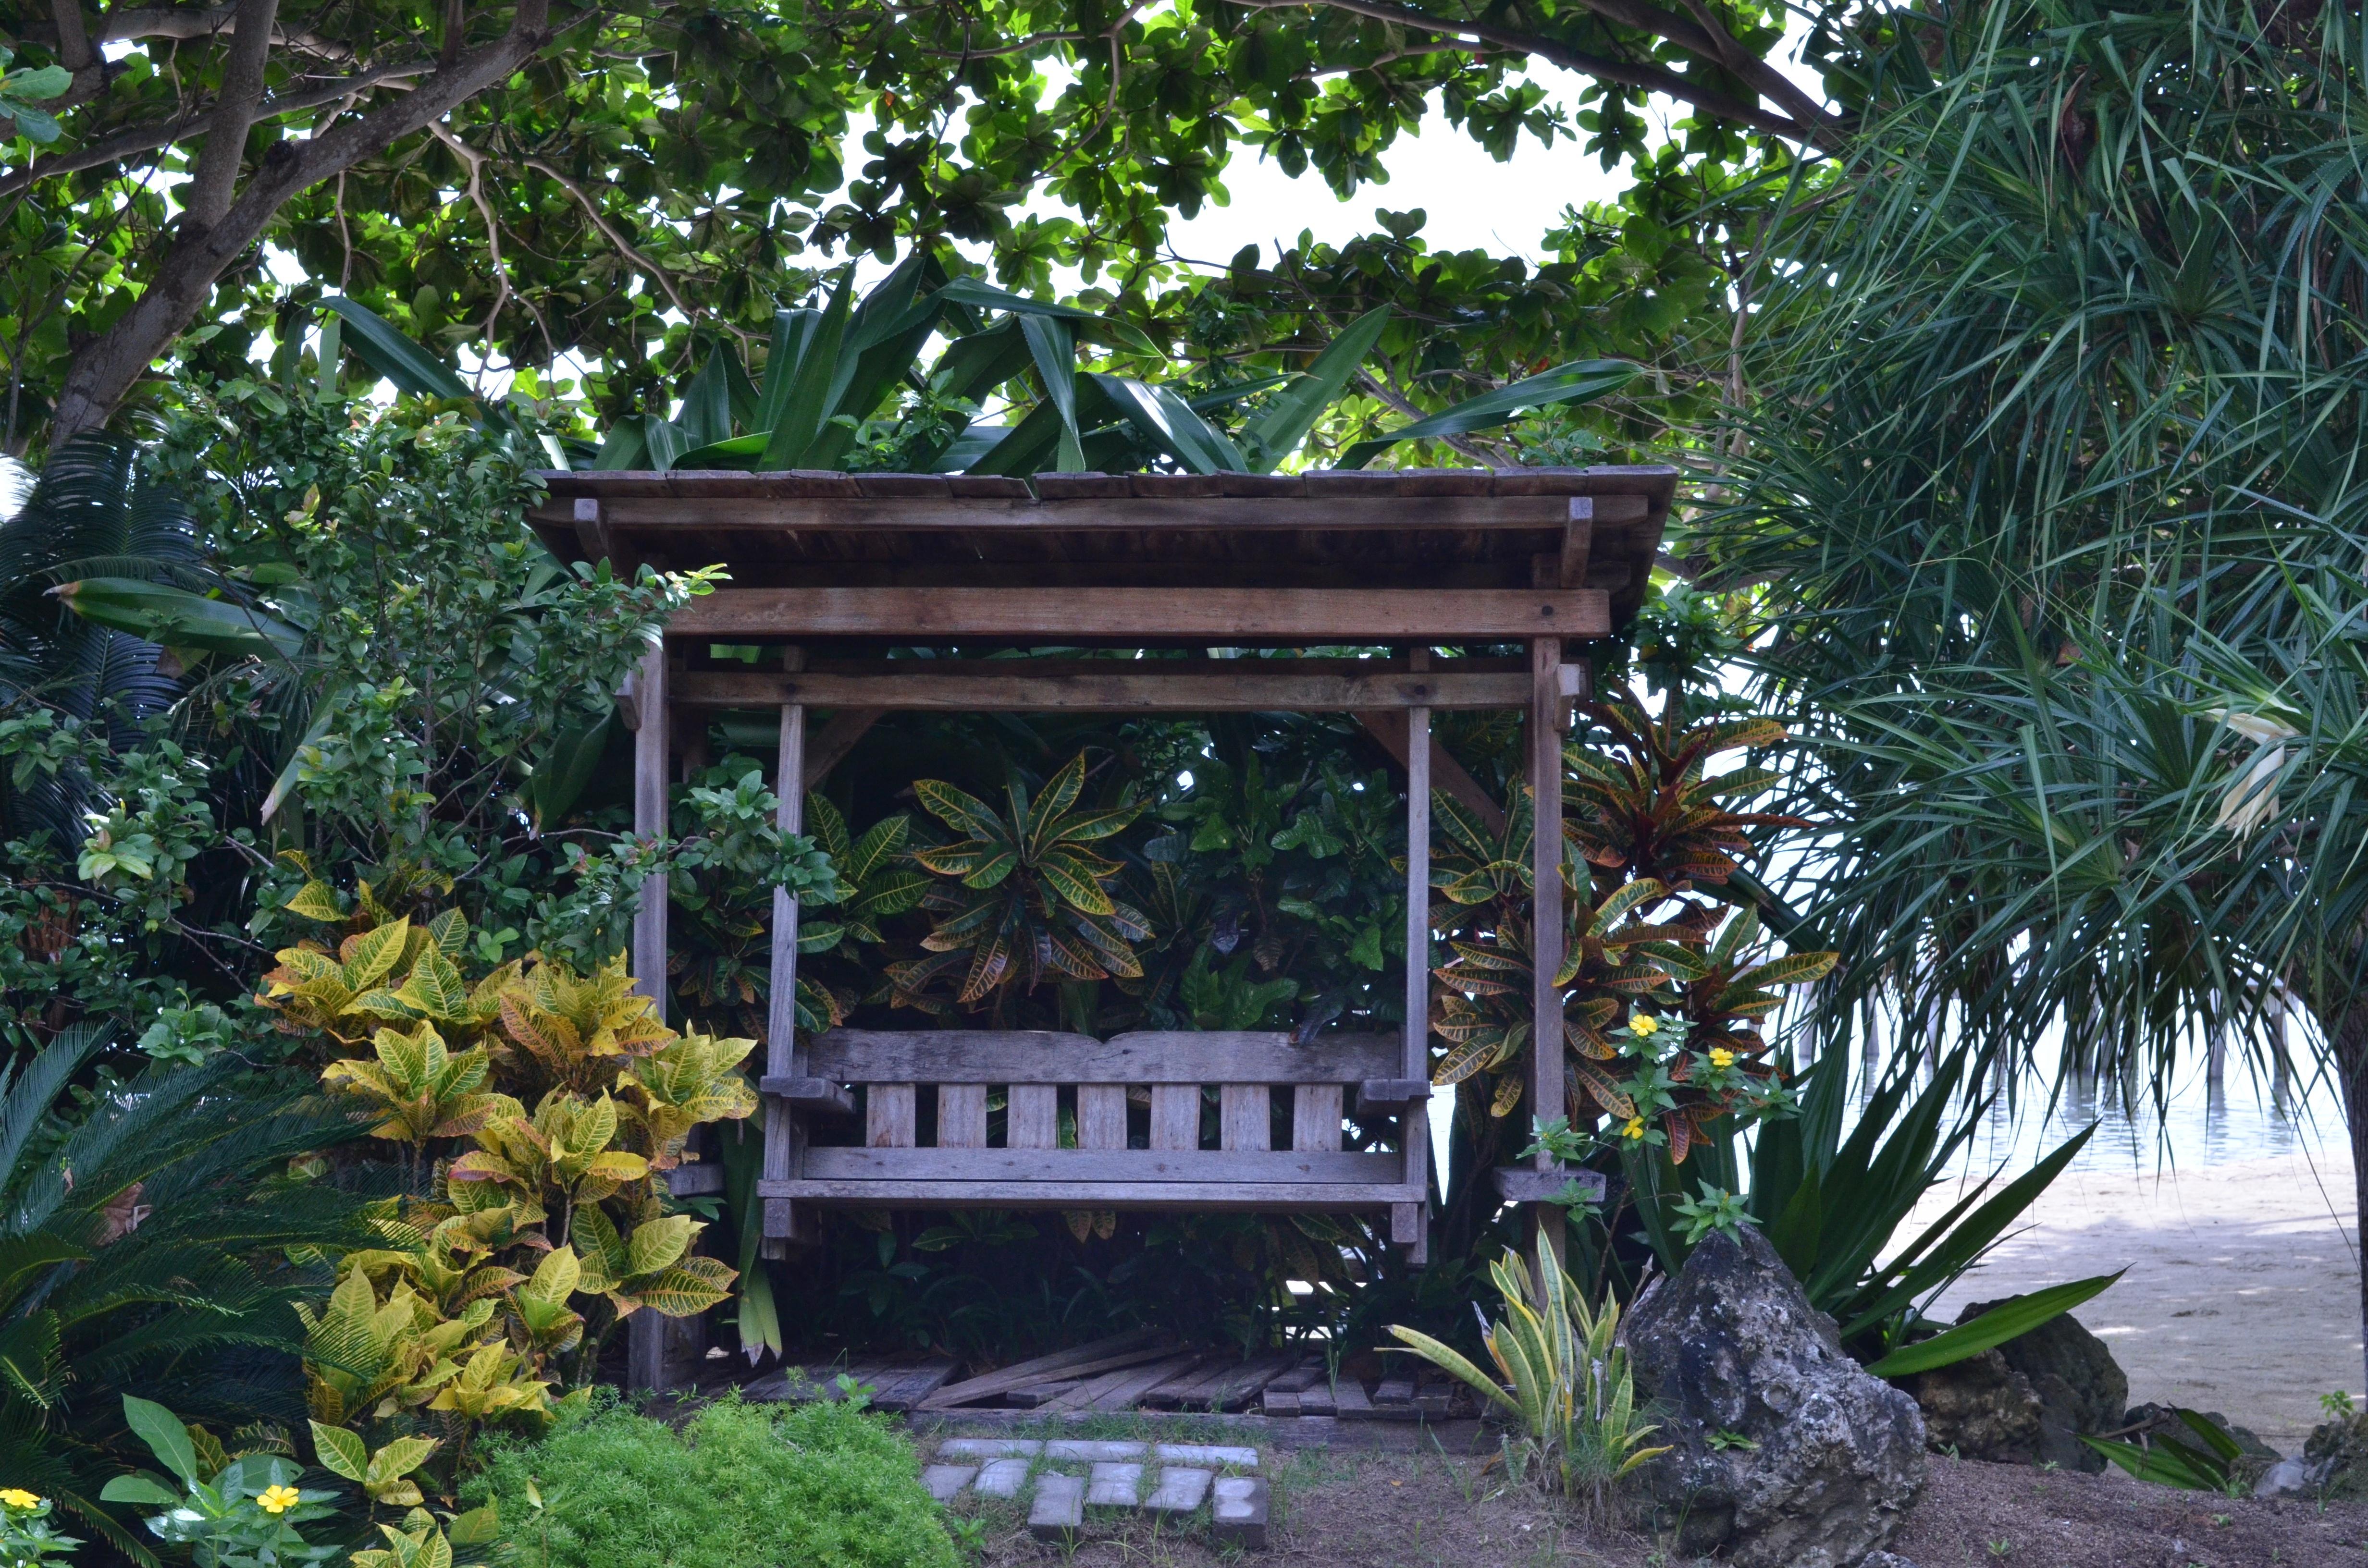 bakgrundsbilder : blomma, parkera, lusthus, botanik, trädgård, ha